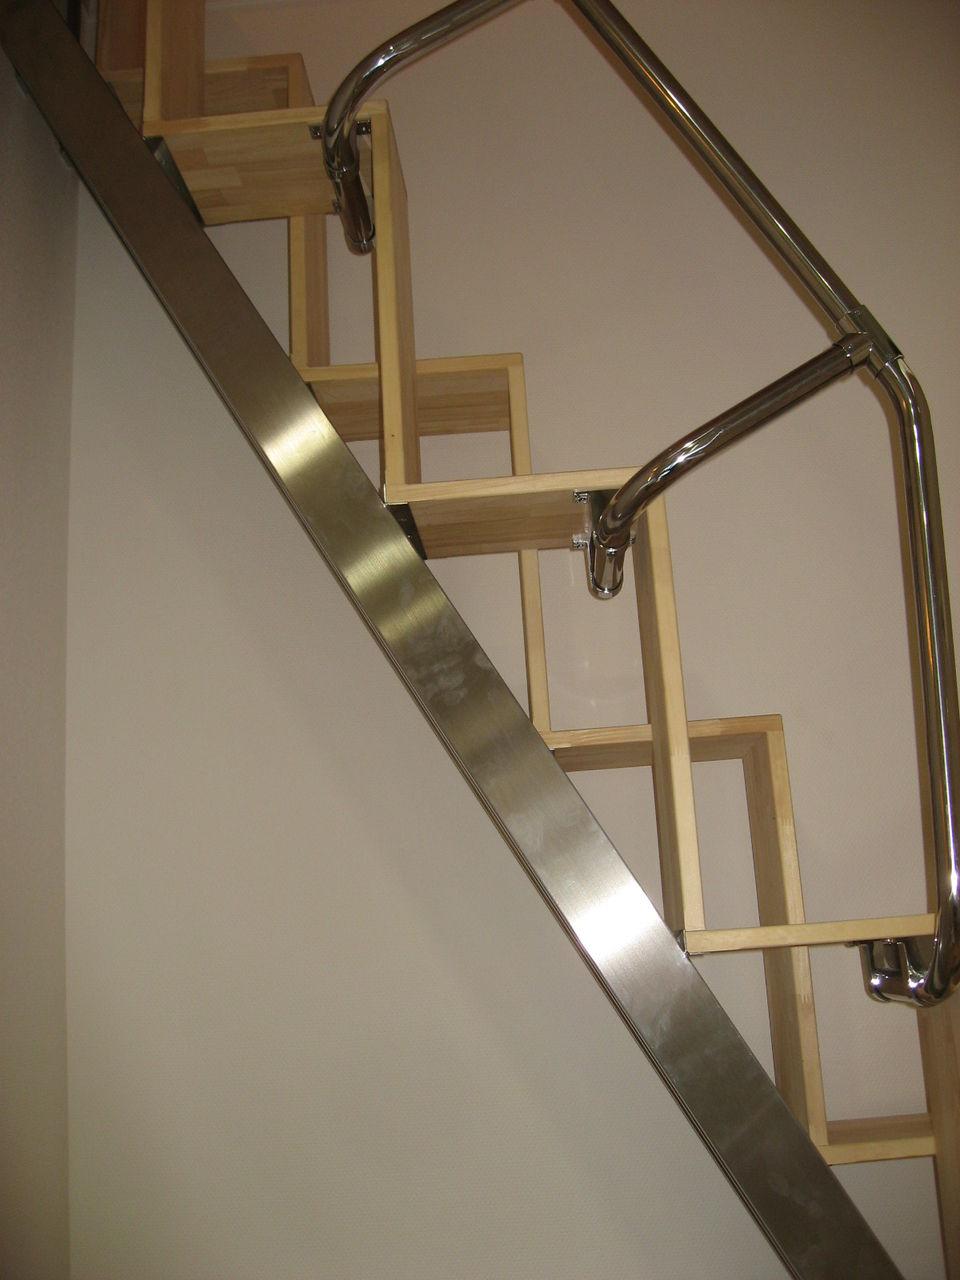 互い違い階段の折れ階段 側面上部